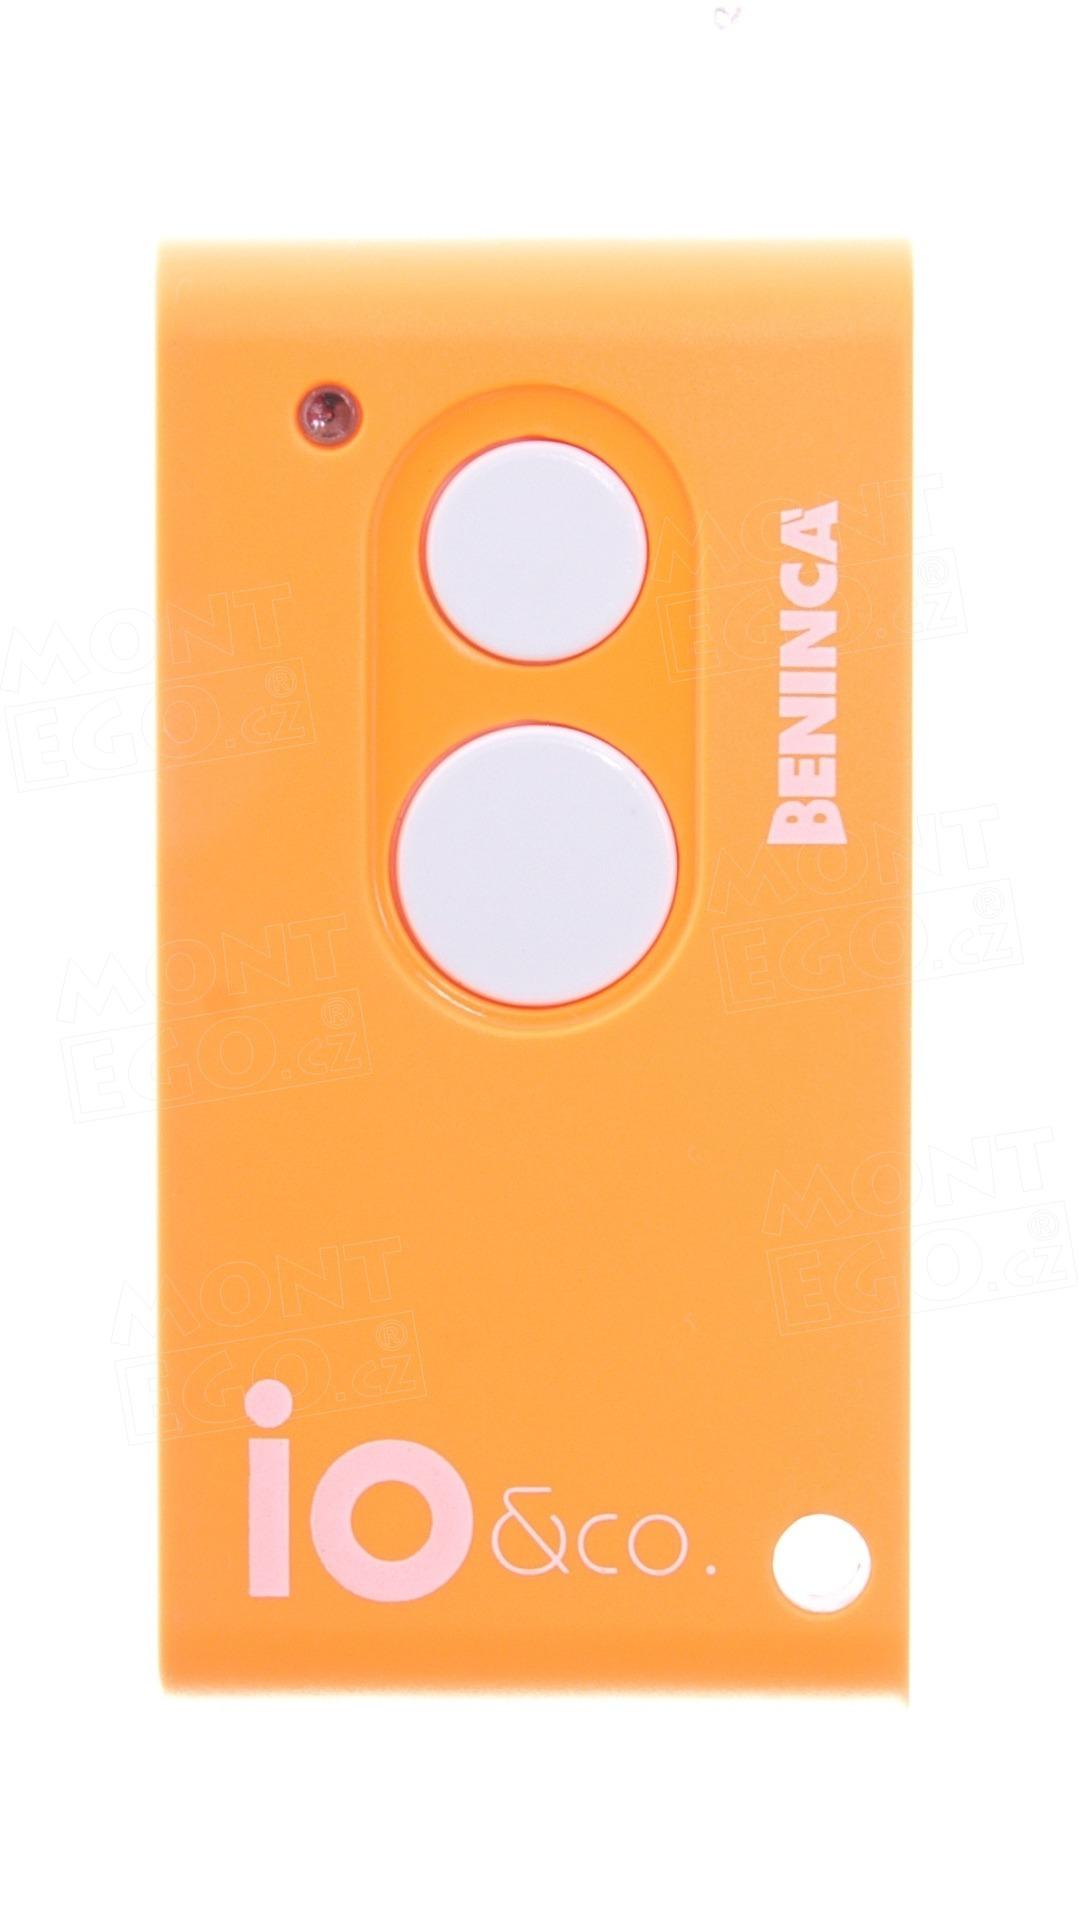 Dálkový ovladač Beninca IO.2WV, dvoukanálový oranžový